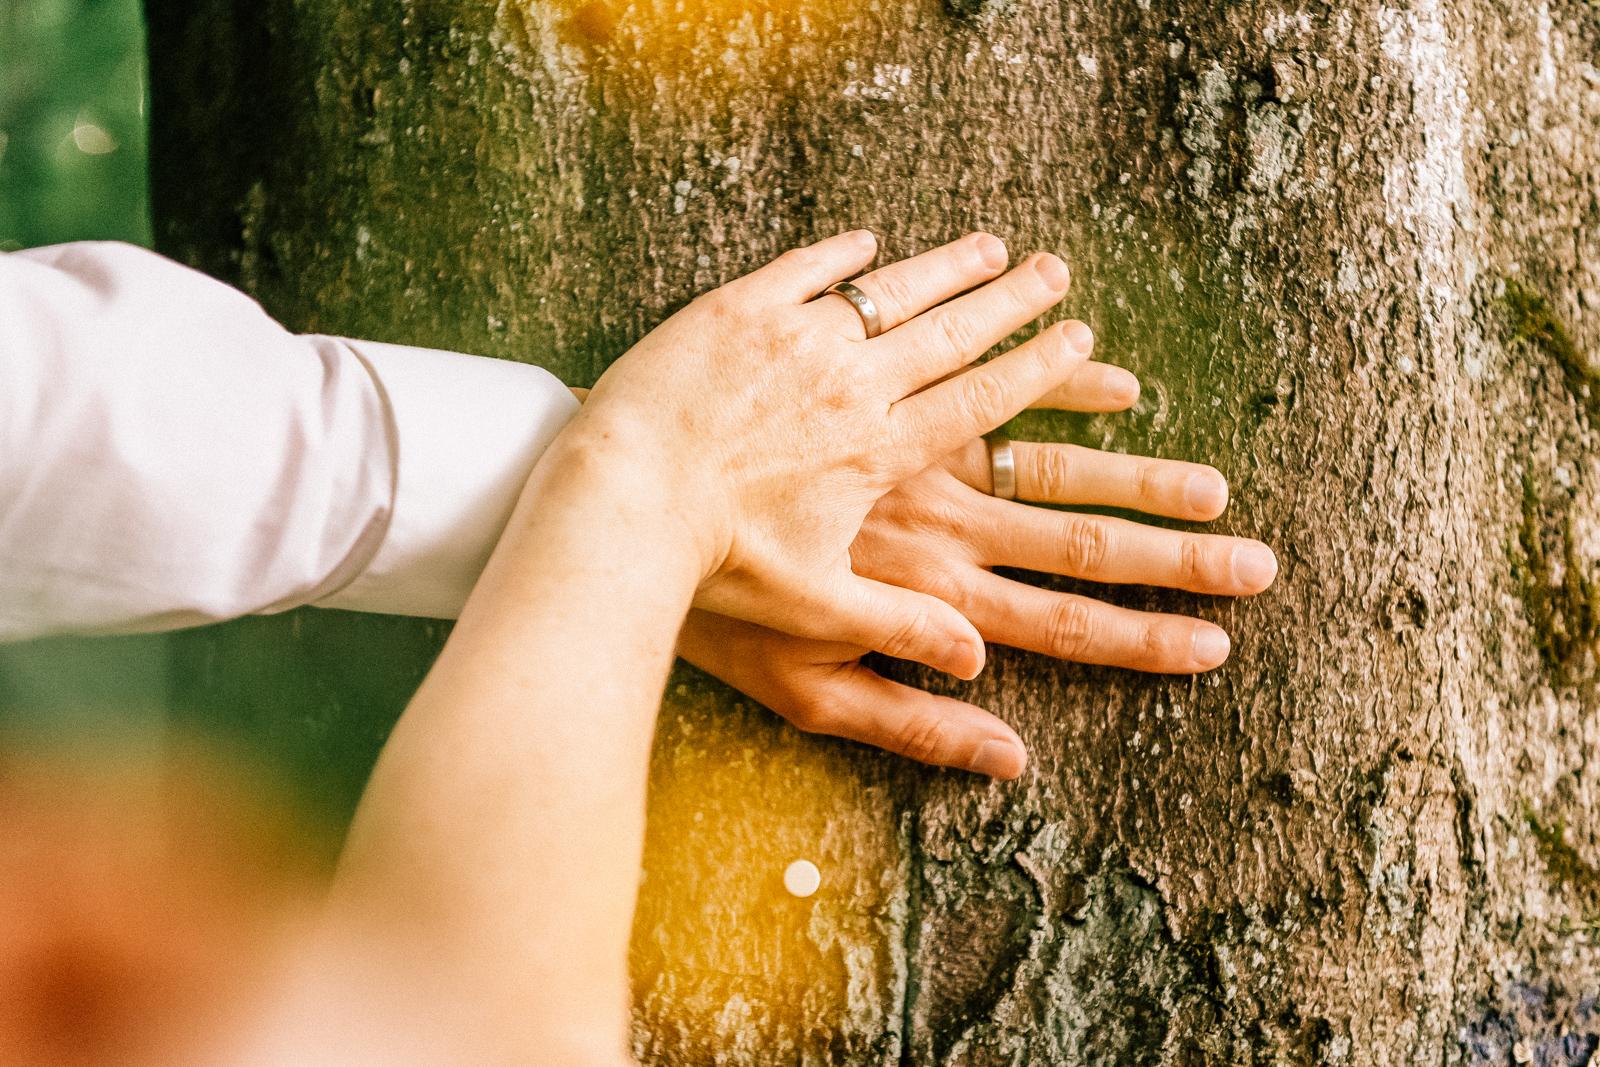 Wald in Schwerte, Hochzeit Hände am Baum